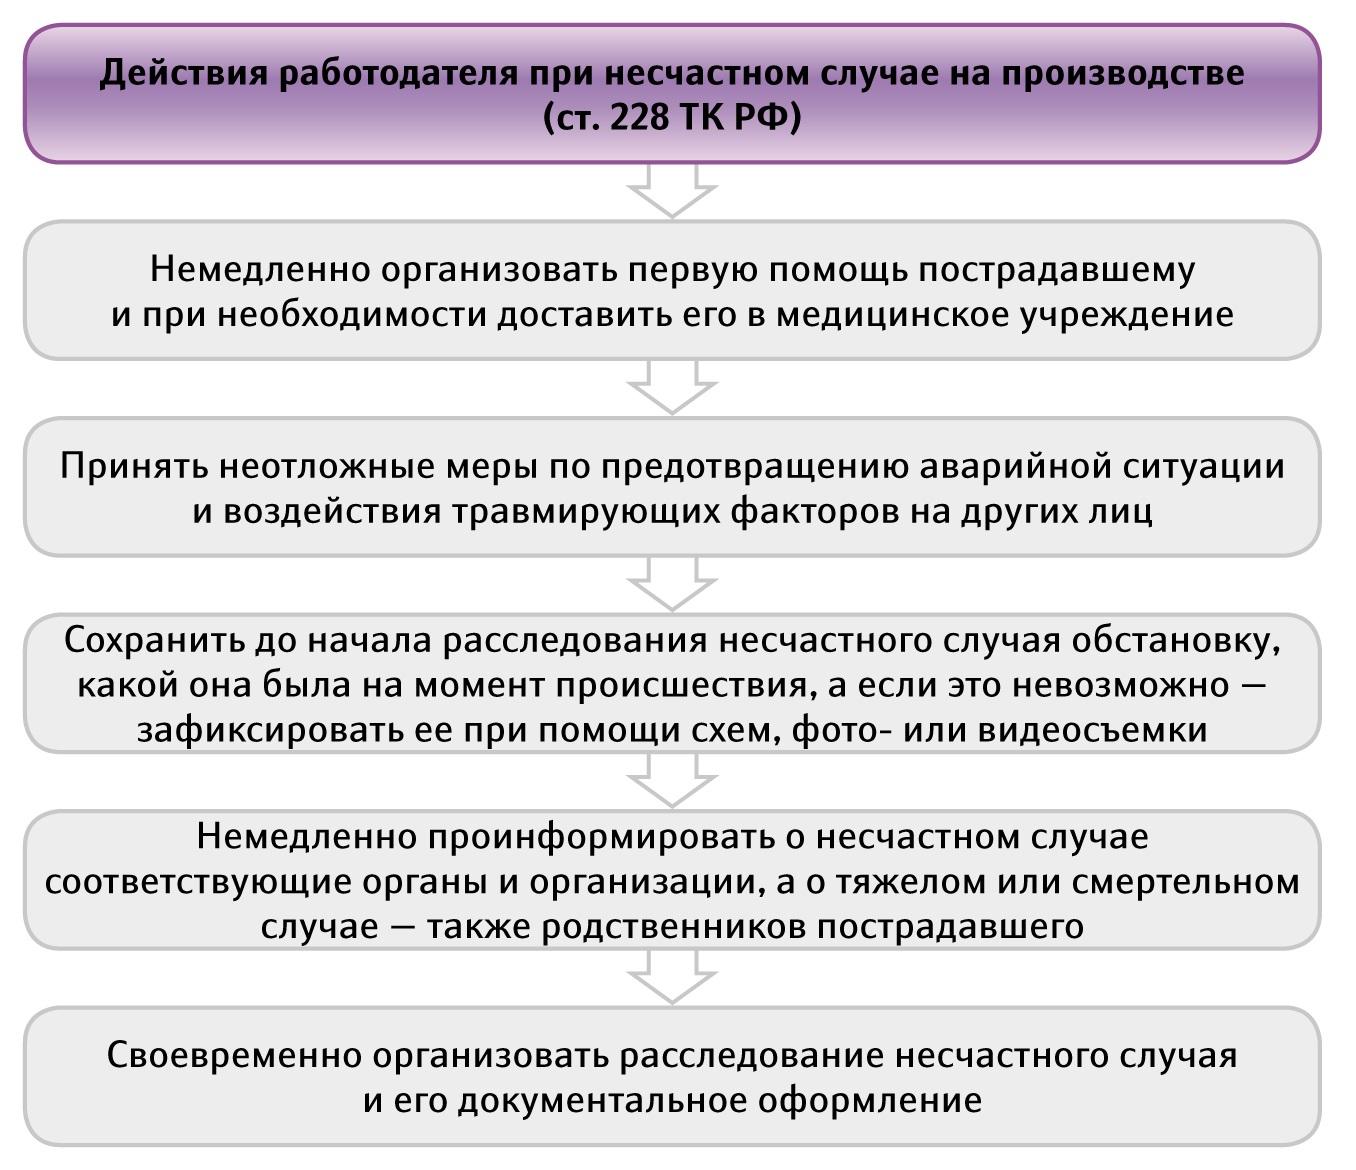 Обучение на маникюр и педикюр в томске